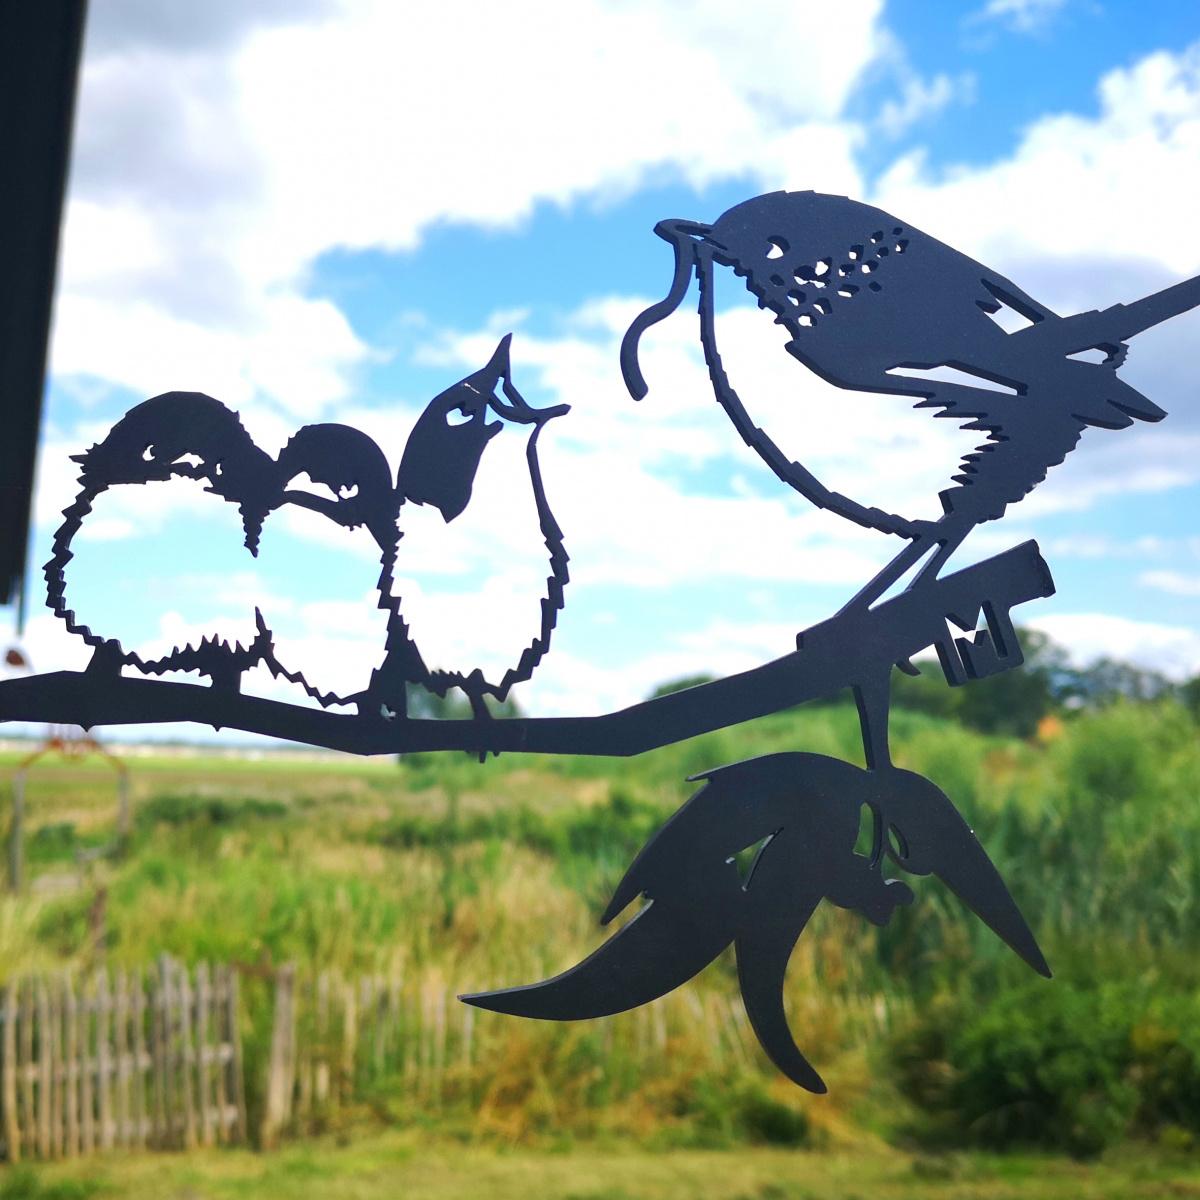 Metalbird fugl i cortenstål - gærdesmutte m. unger